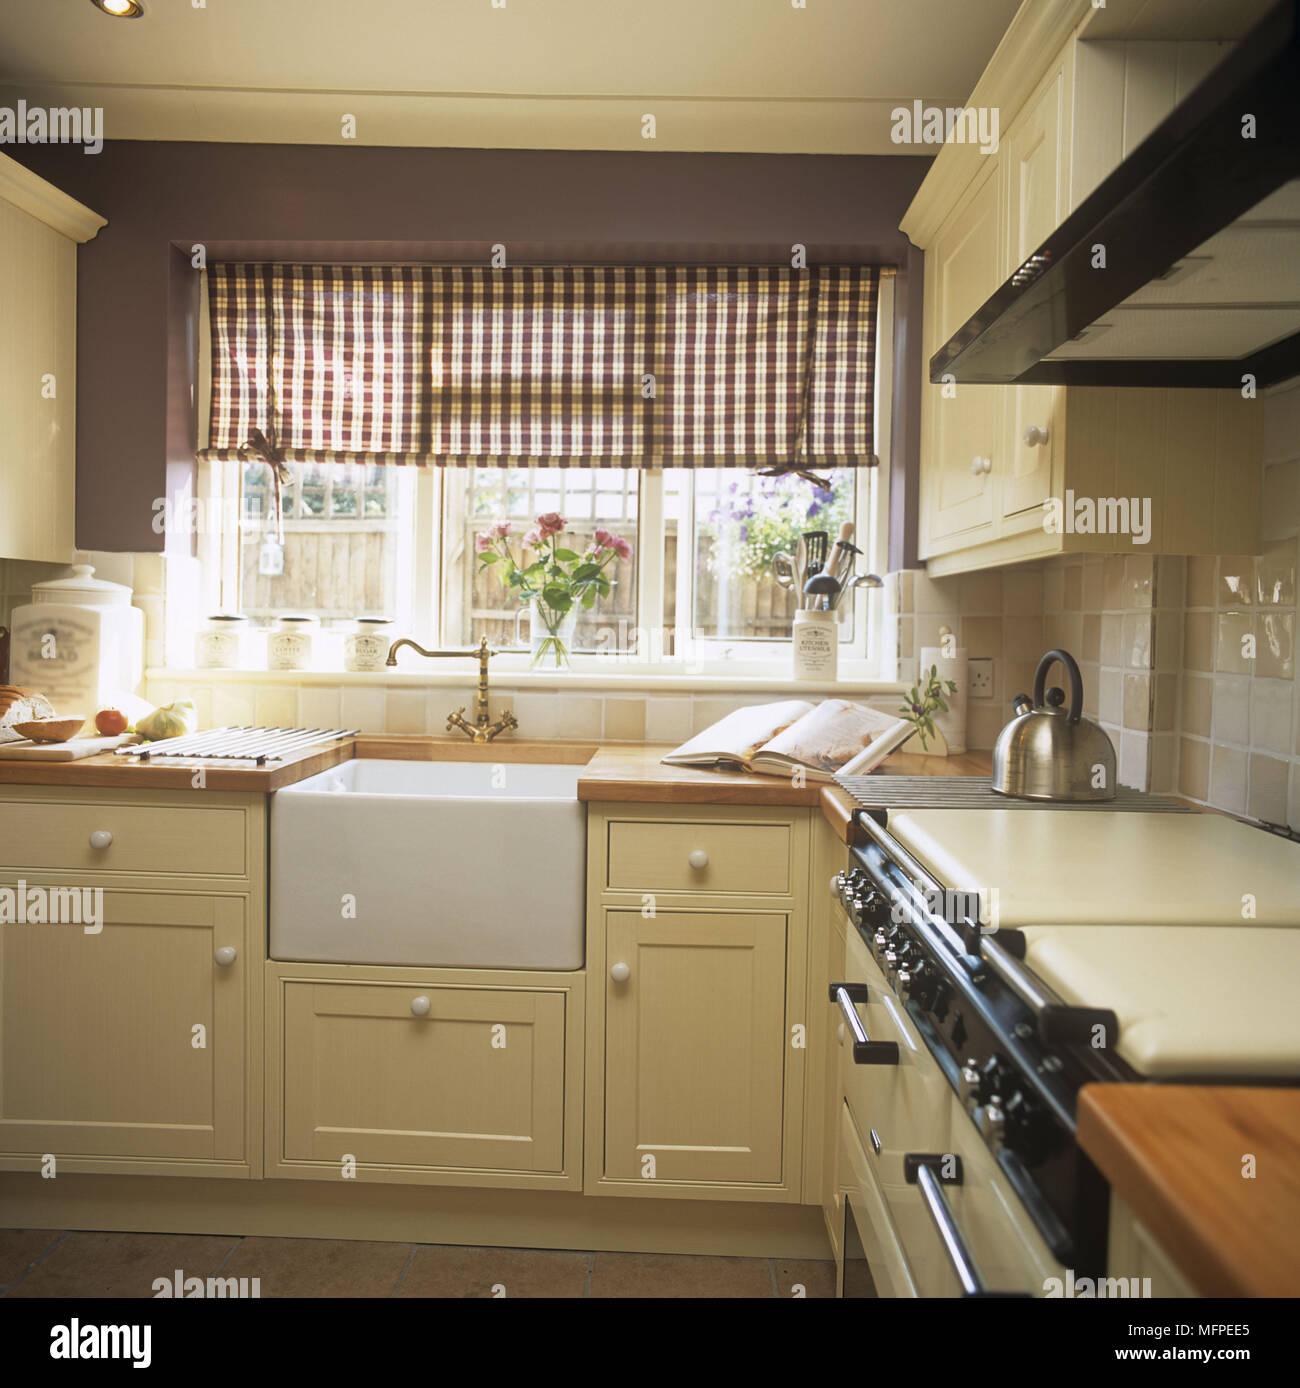 Hermosa Mueble De Cocina Pintura Belfast Patrón - Ideas de ...